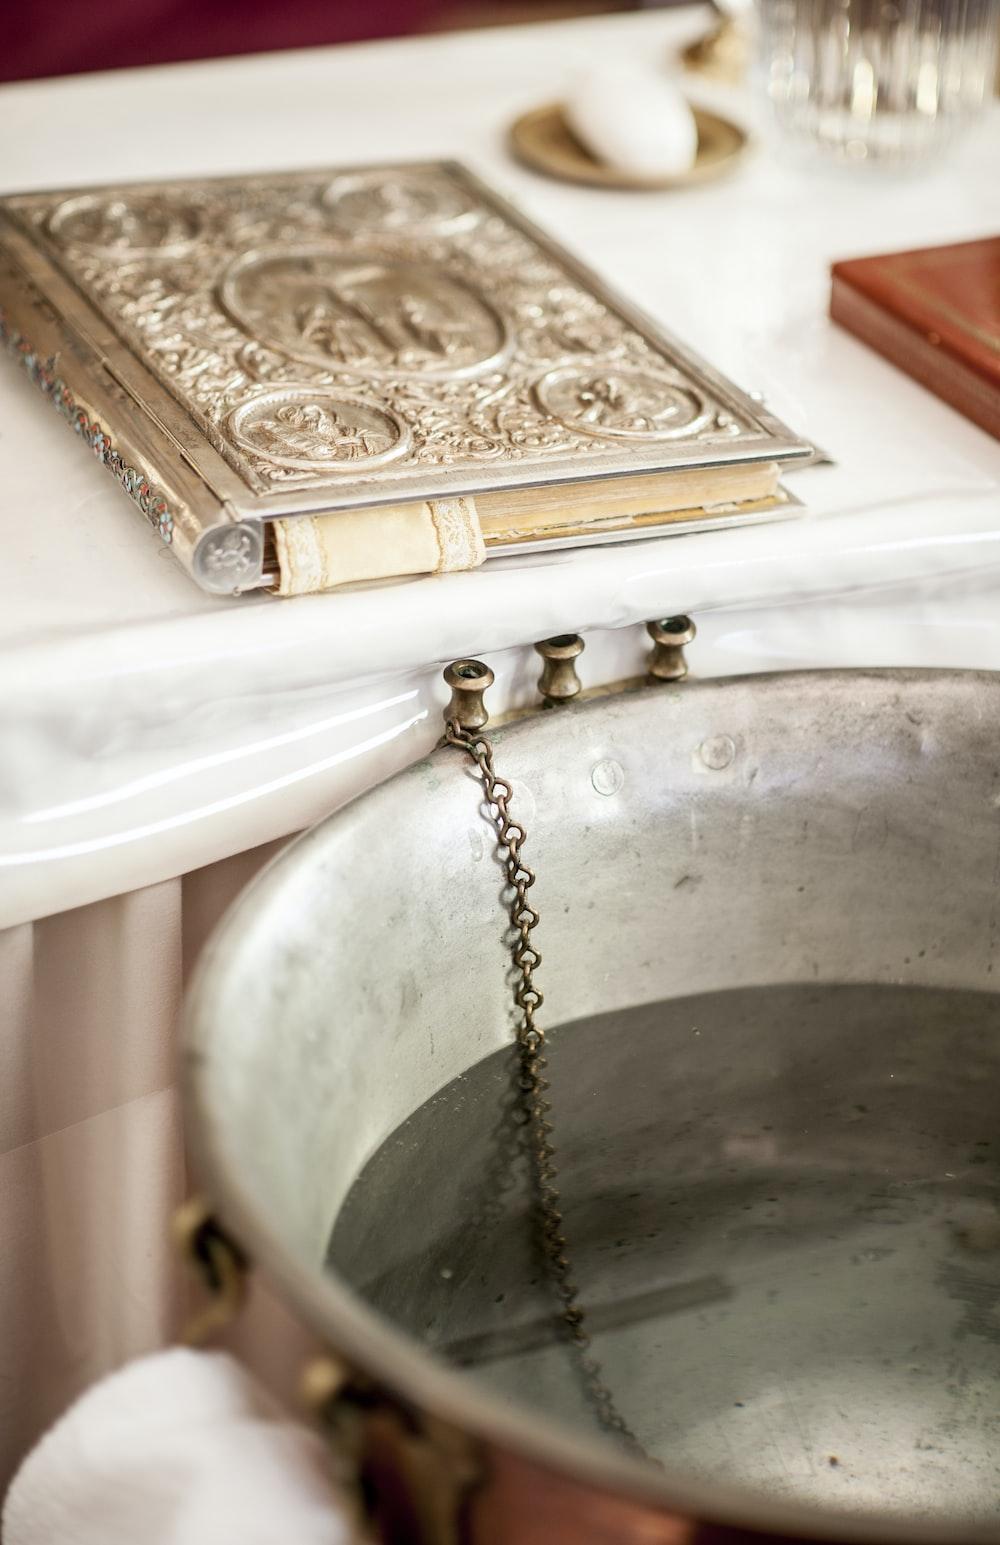 silver round shower head on white bathtub